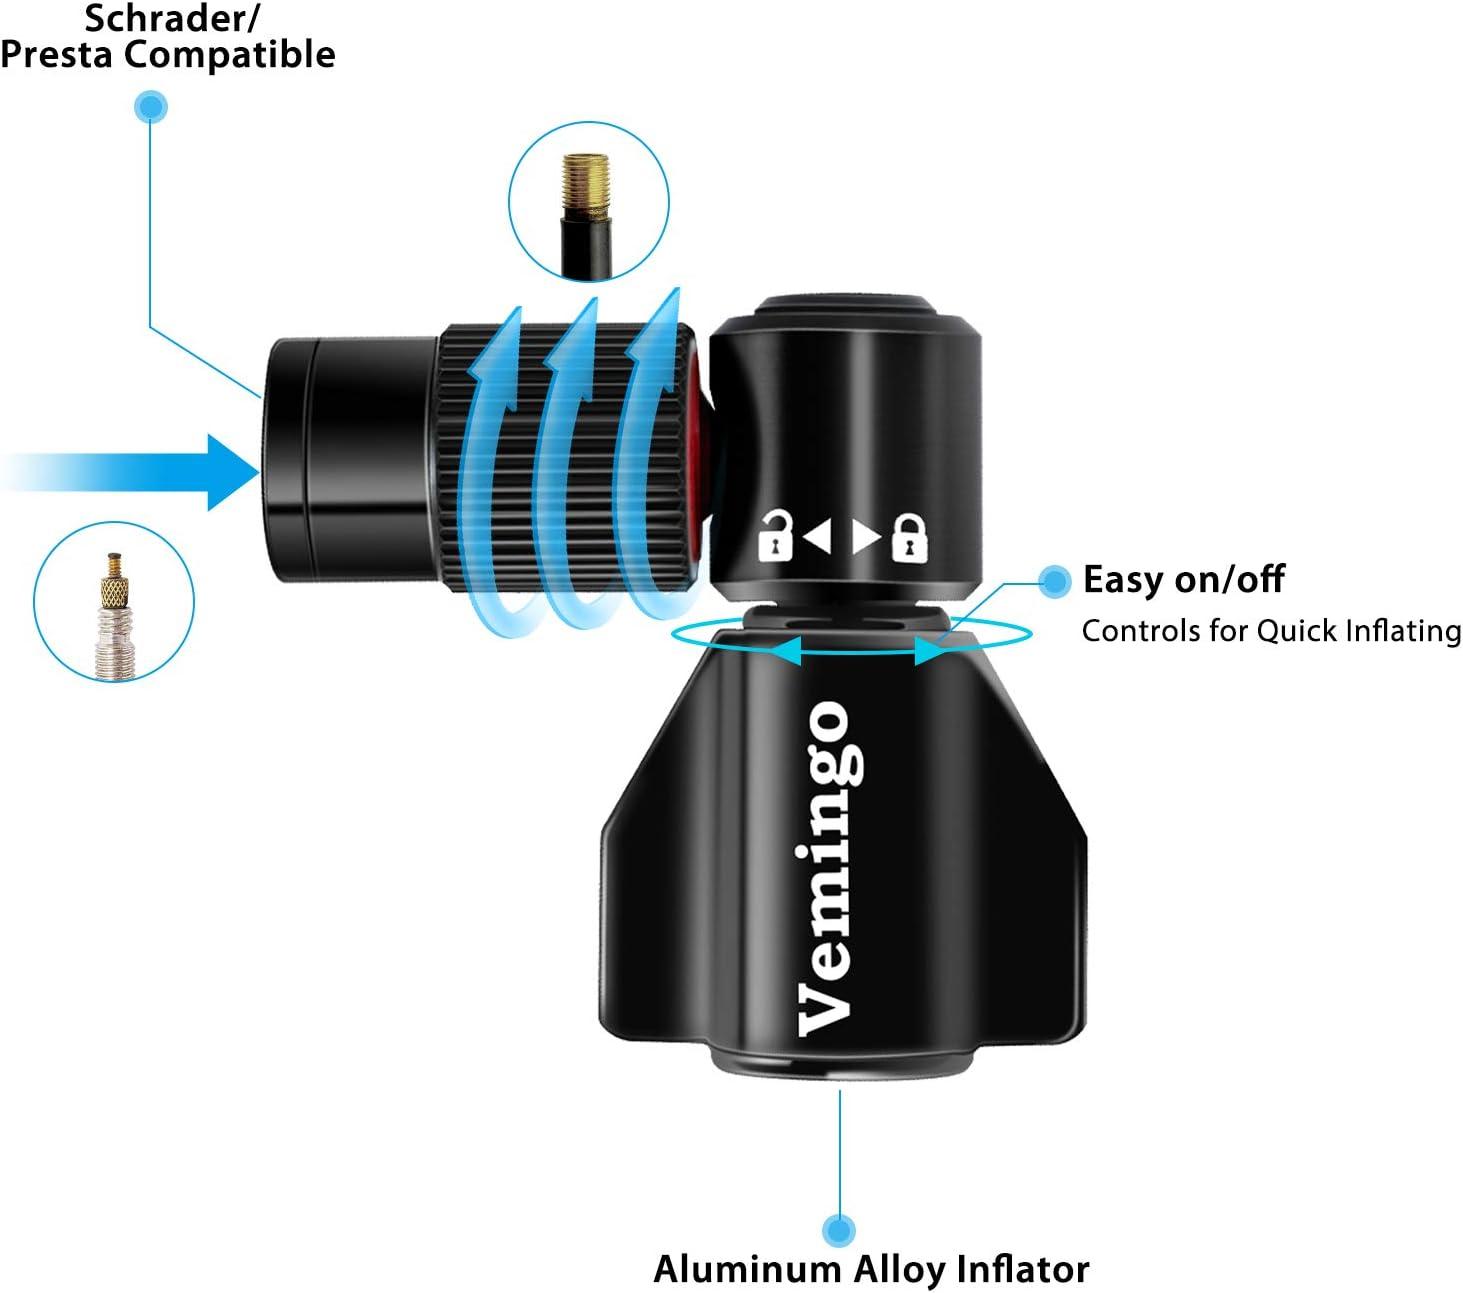 Kartuschenpumpe Fahrrad Minipumpe für Presta und Schrader Ventile Keine Kartusche enthalten Upgrade Fahrradpumpe CO2 einfaches und schnelles Aufpumpen von Fahrradreifen